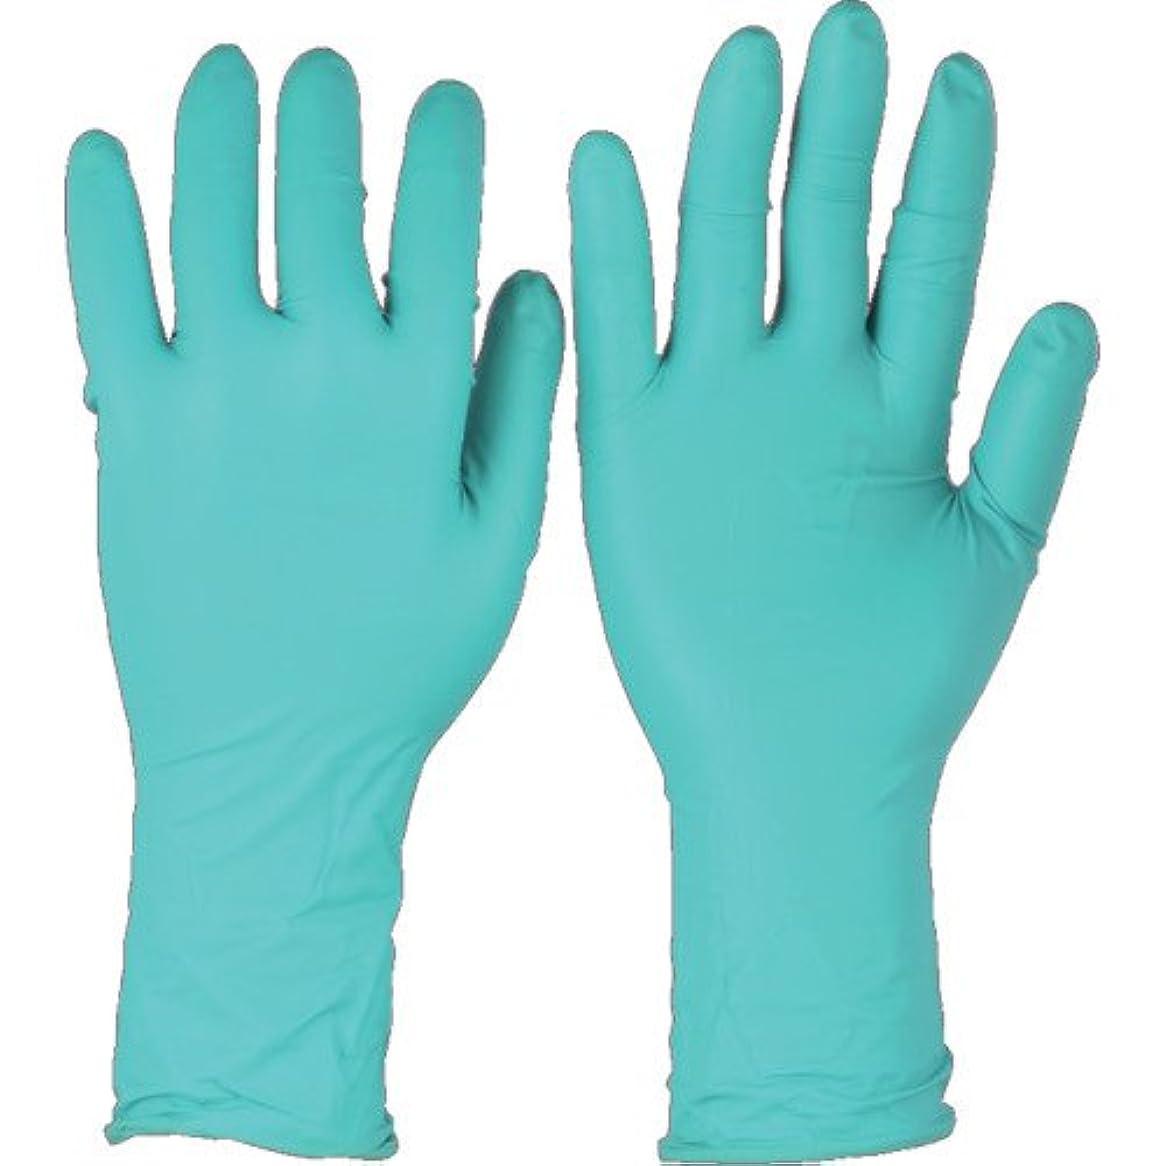 パネル甘美なアドバイストラスコ中山 アンセル ネオプレンゴム使い捨て手袋 マイクロフレックス 93-260 Lサイズ (50枚入)  932609